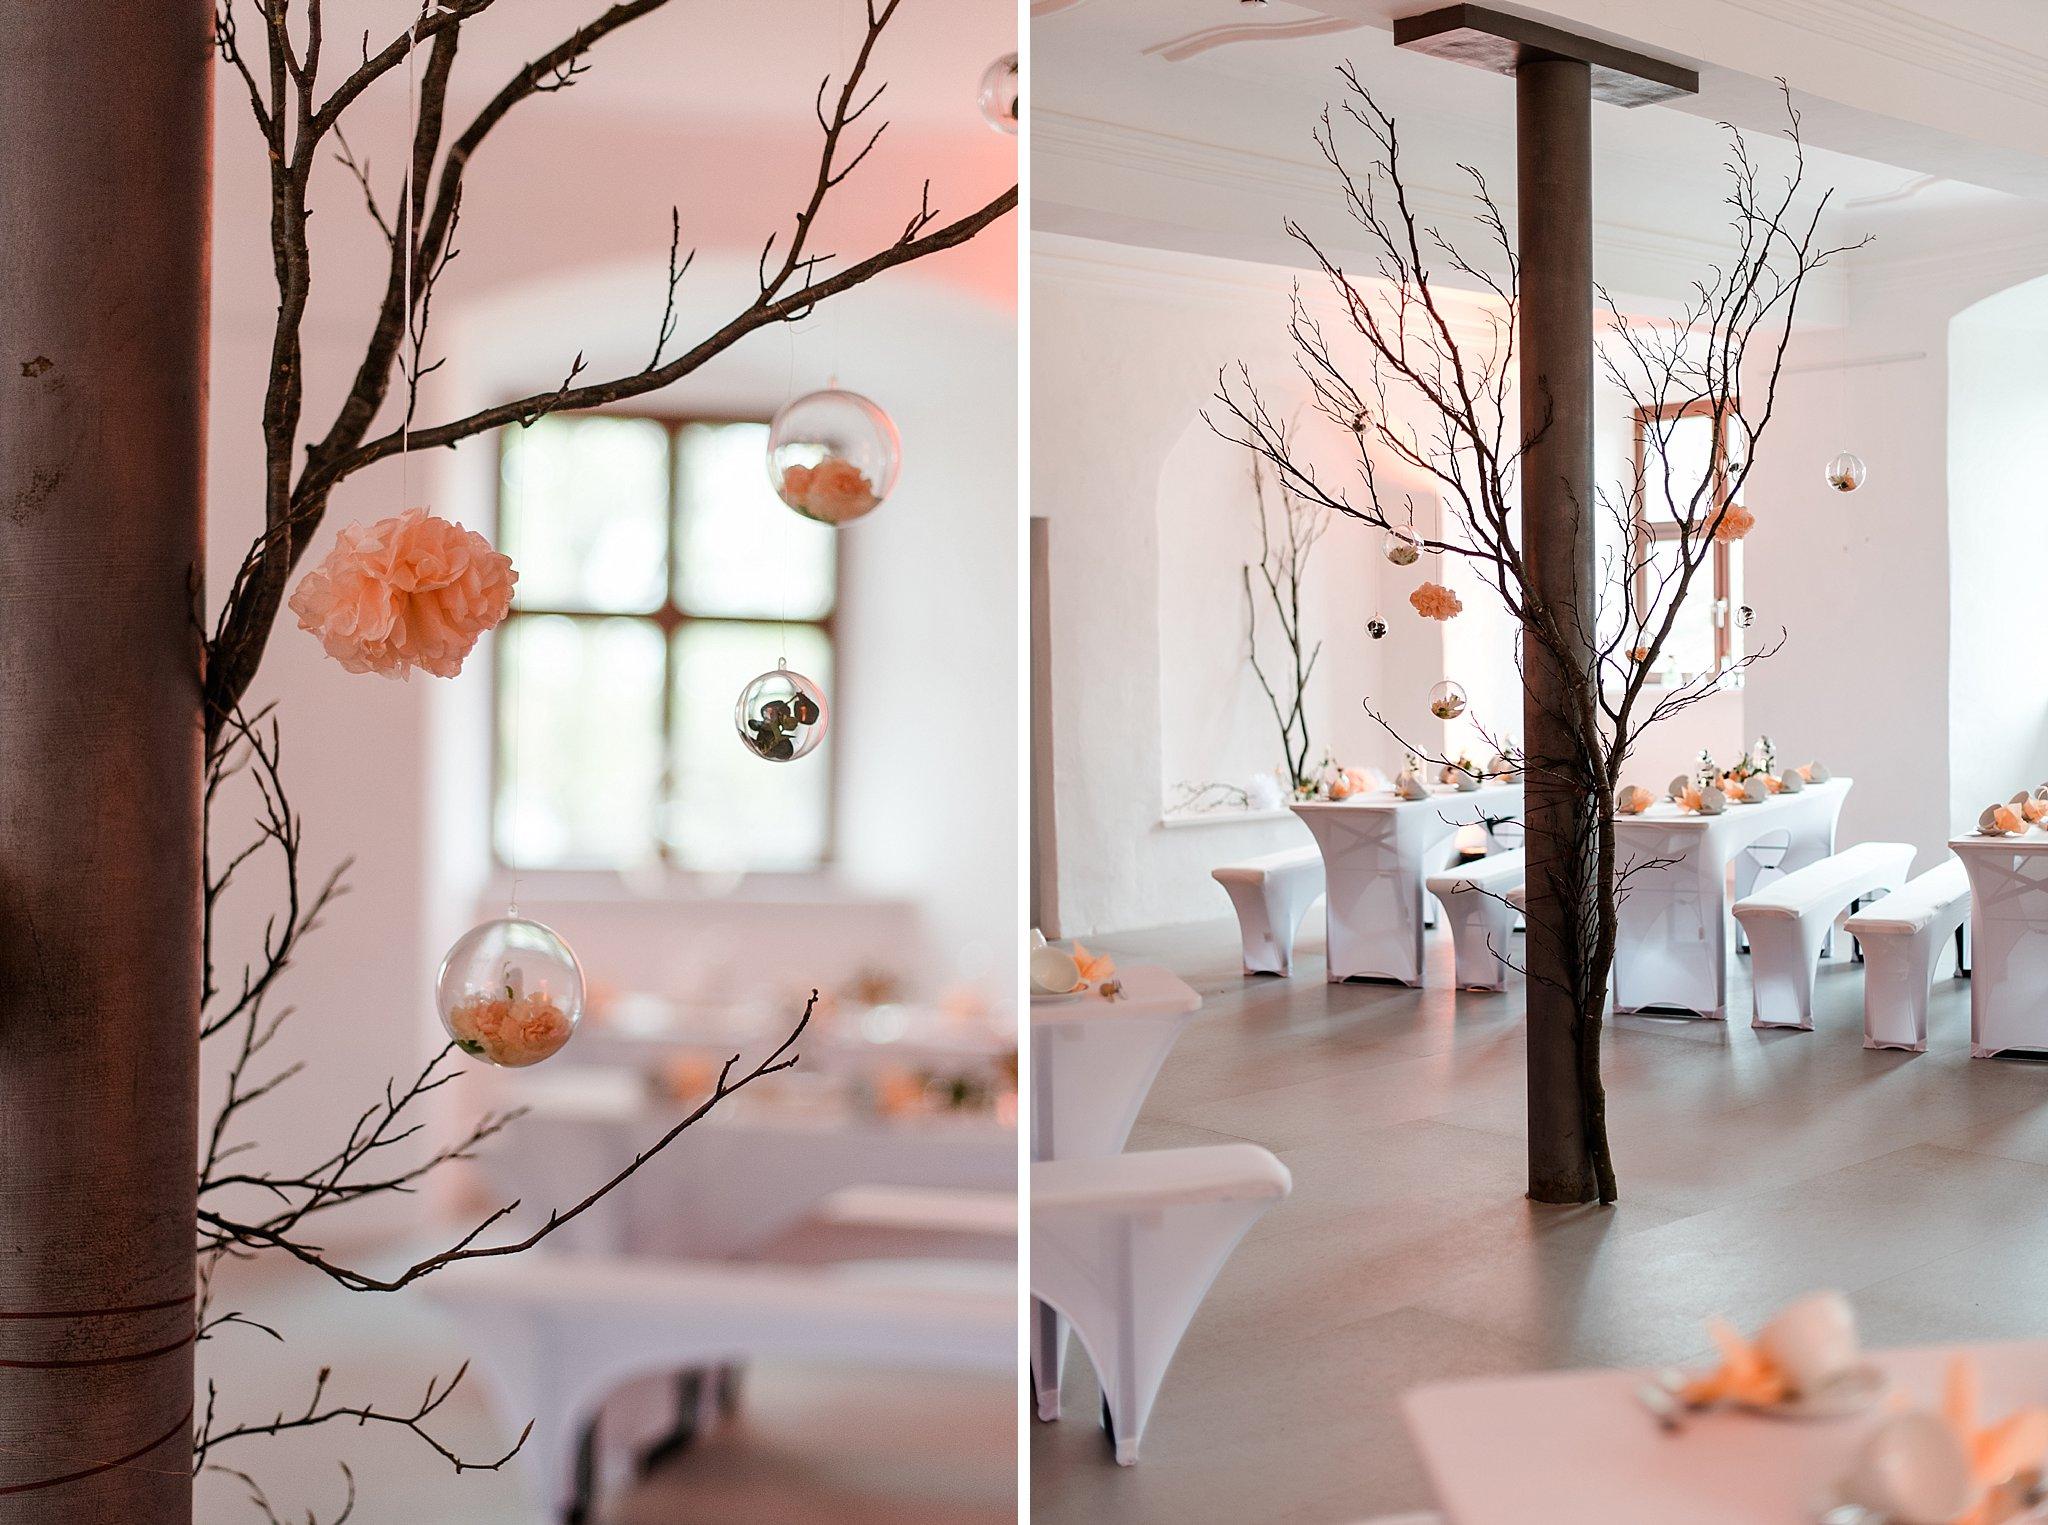 Hochzeit-von-Marina-Dominik-auf-Burg-Wernberg-und-Schloss-Friedrichsburg-00092